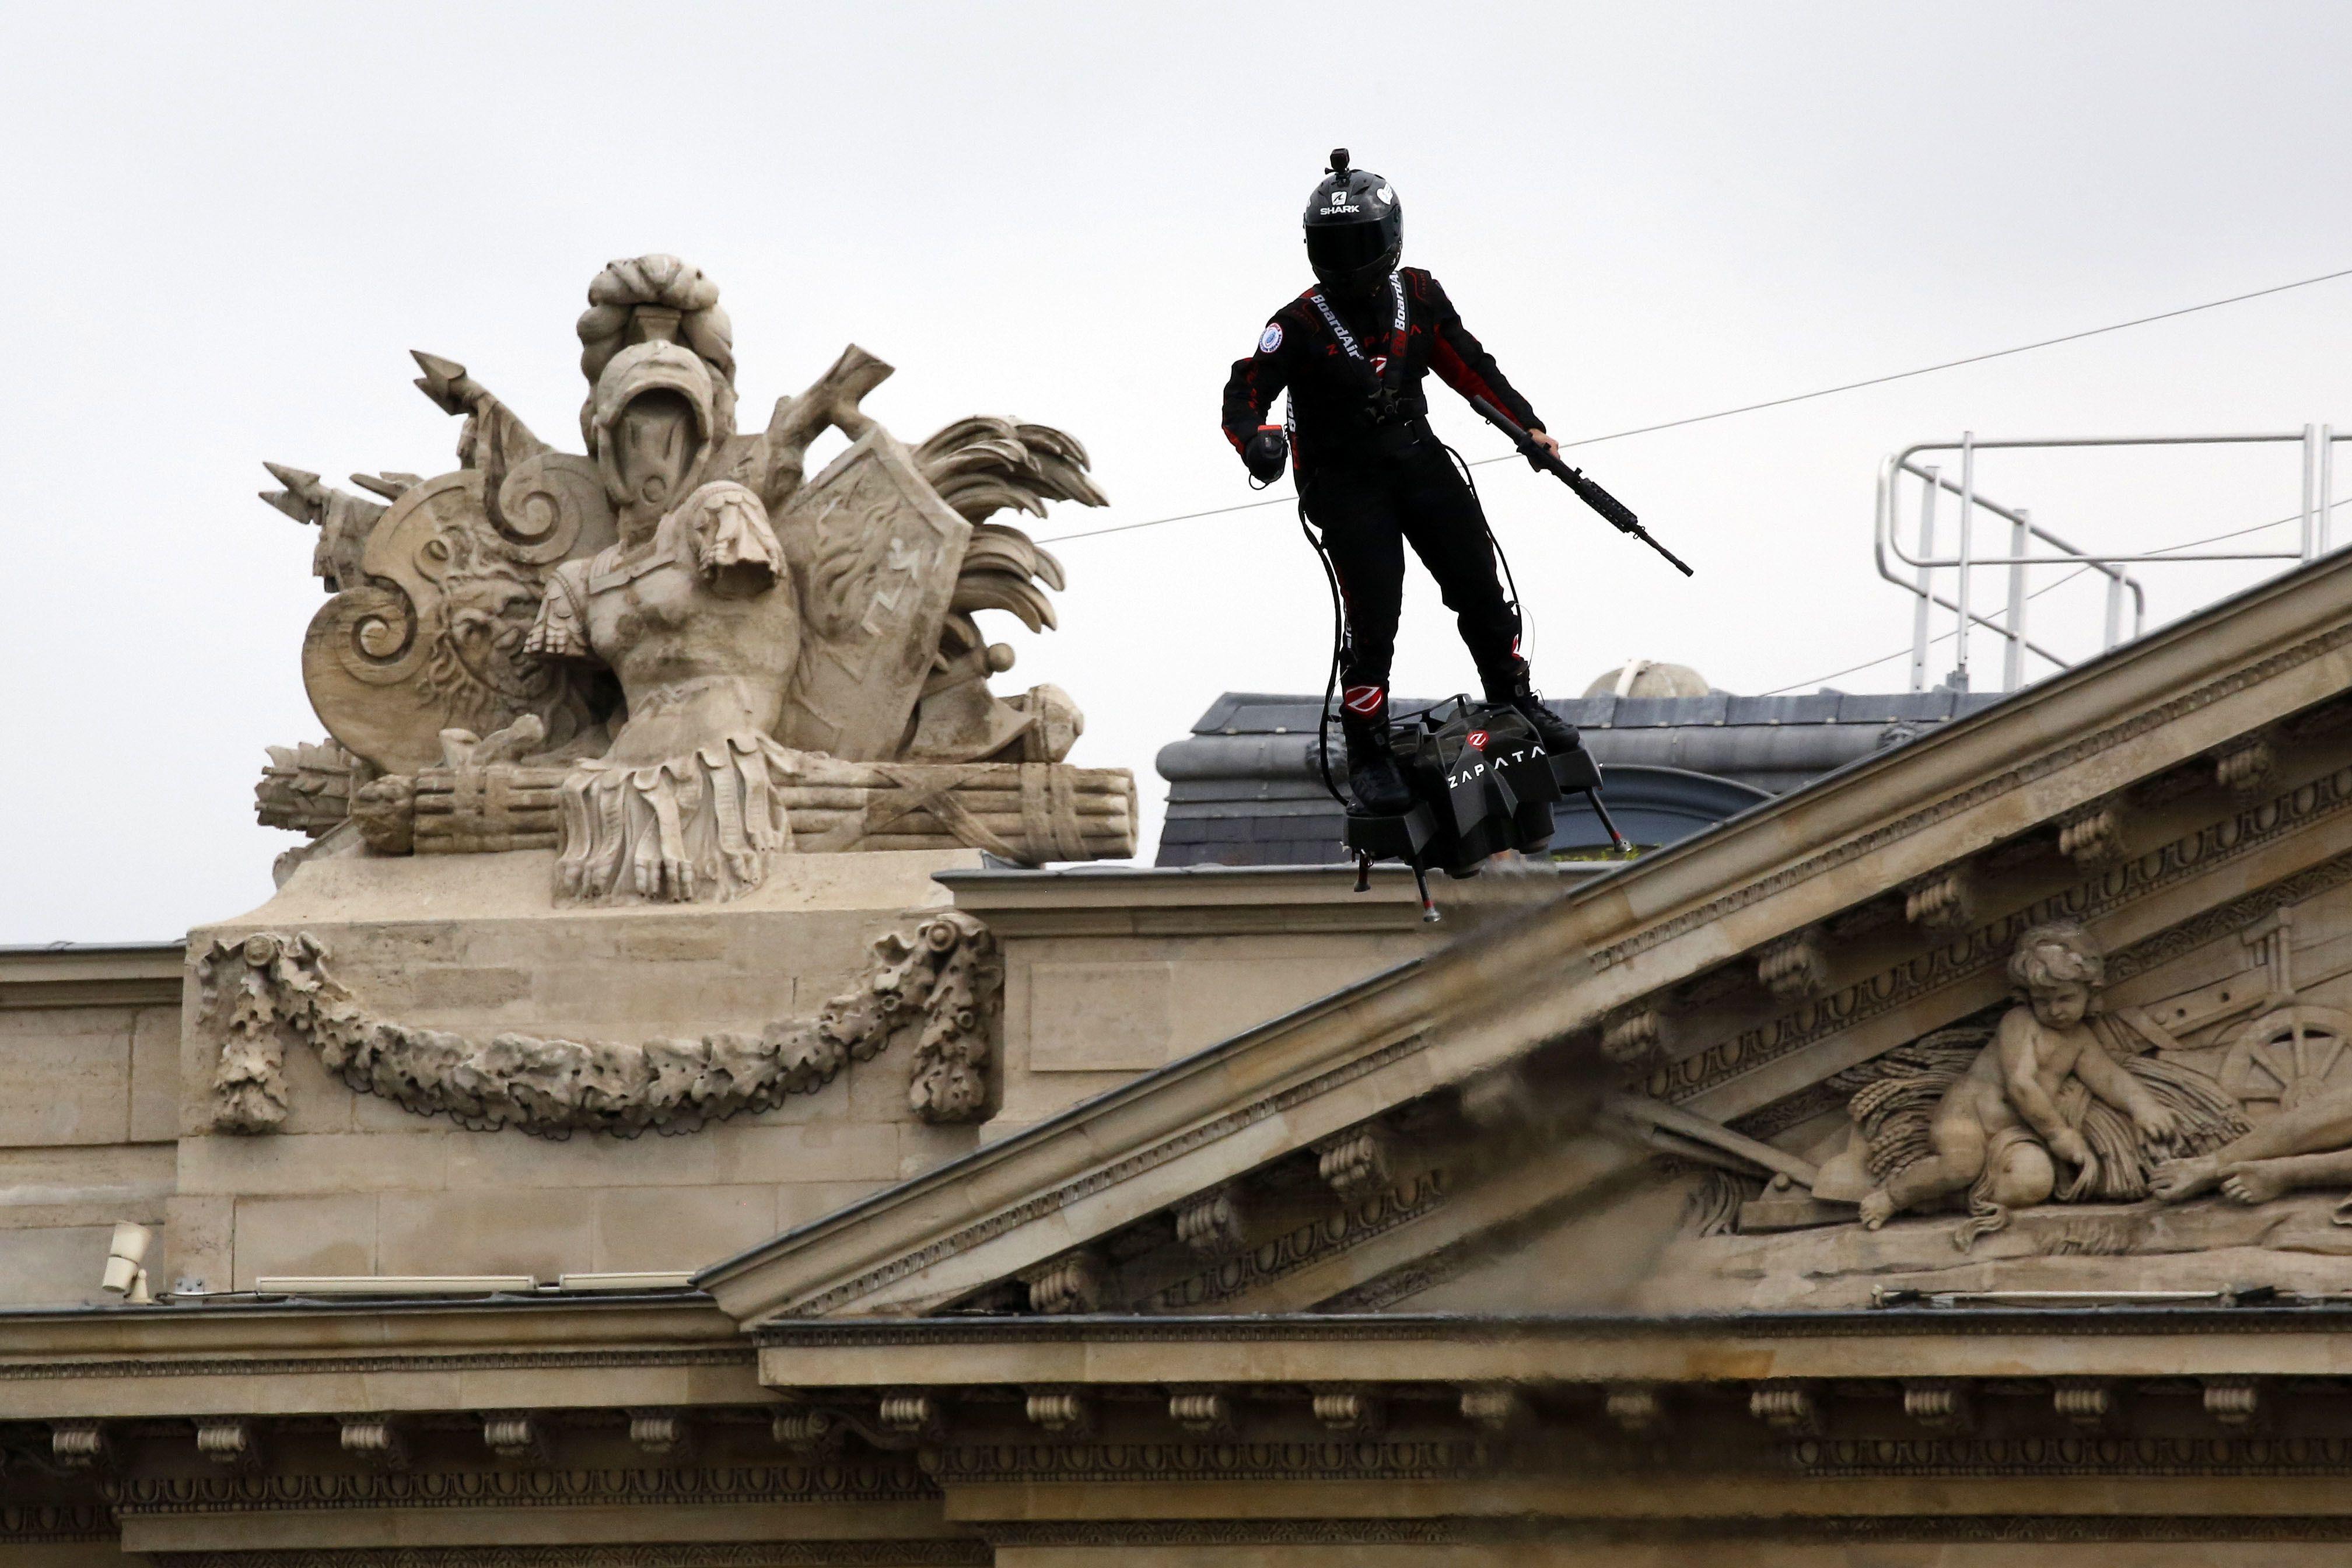 FRANCIA-PARIS-DIA DE LA BASTILLA-DESFILE